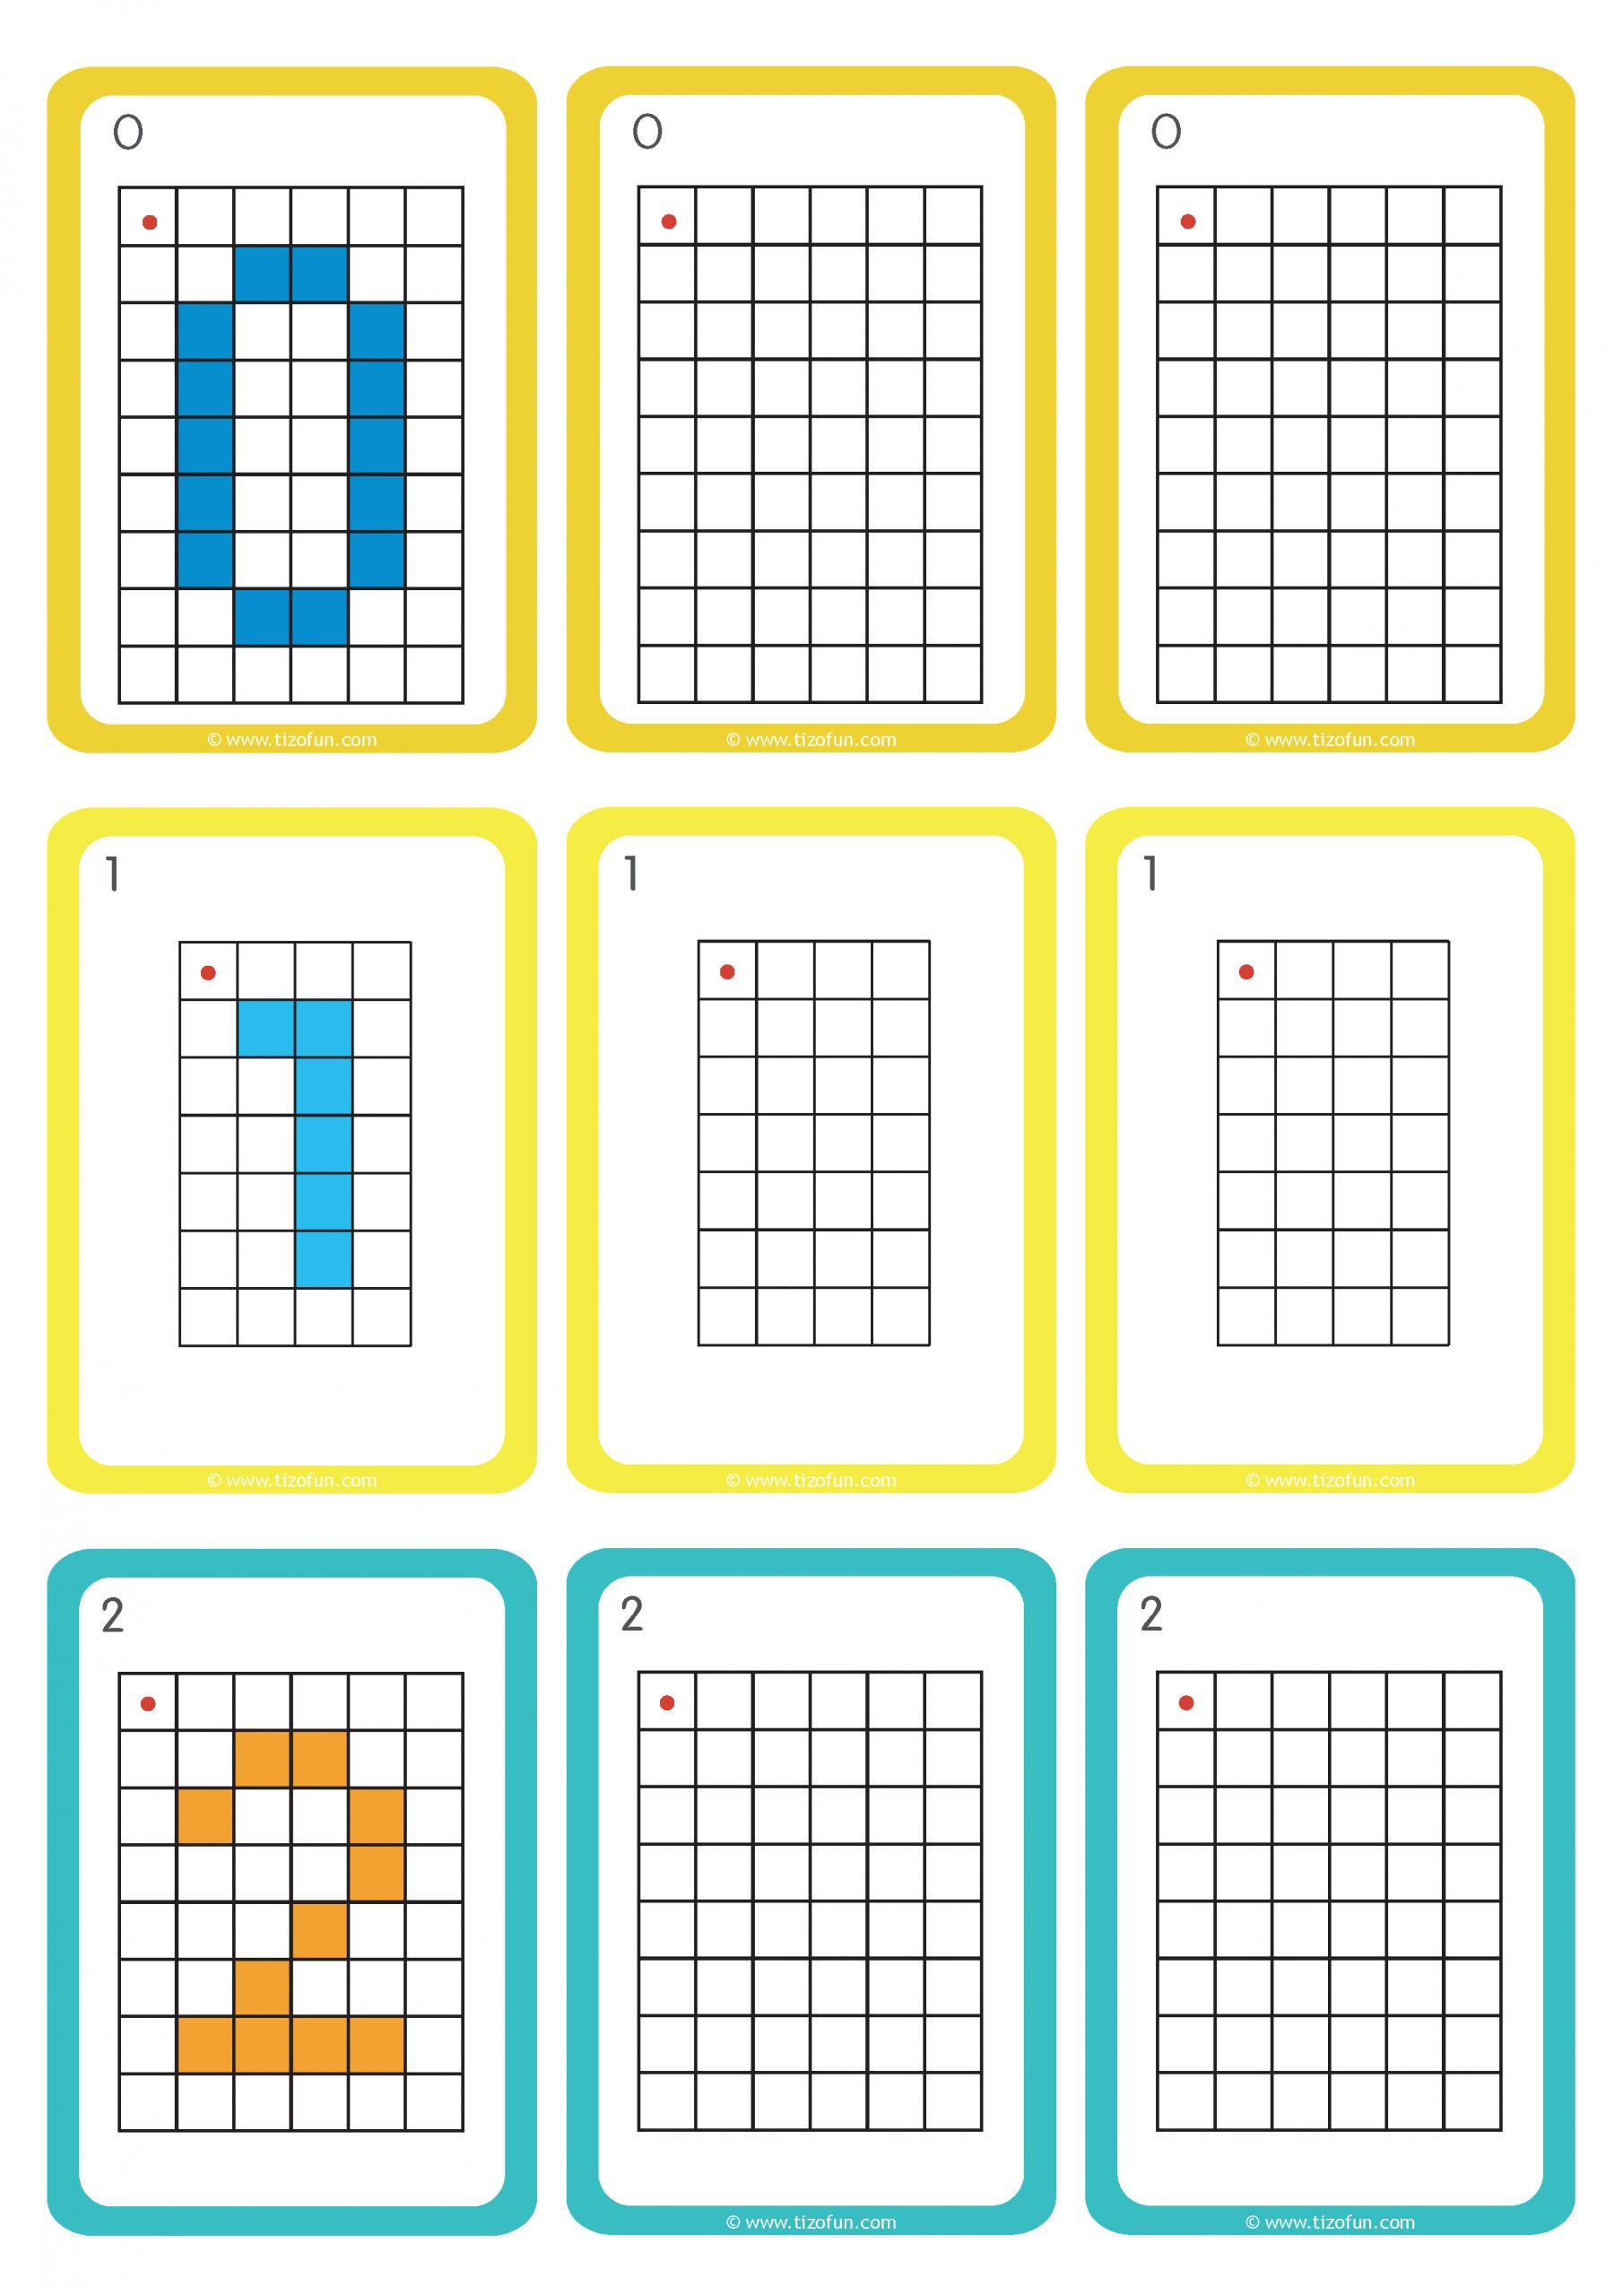 Exercice De Math Cp En Ligne Fiche Mathématique À Imprimer dedans Exercice De Cp En Ligne